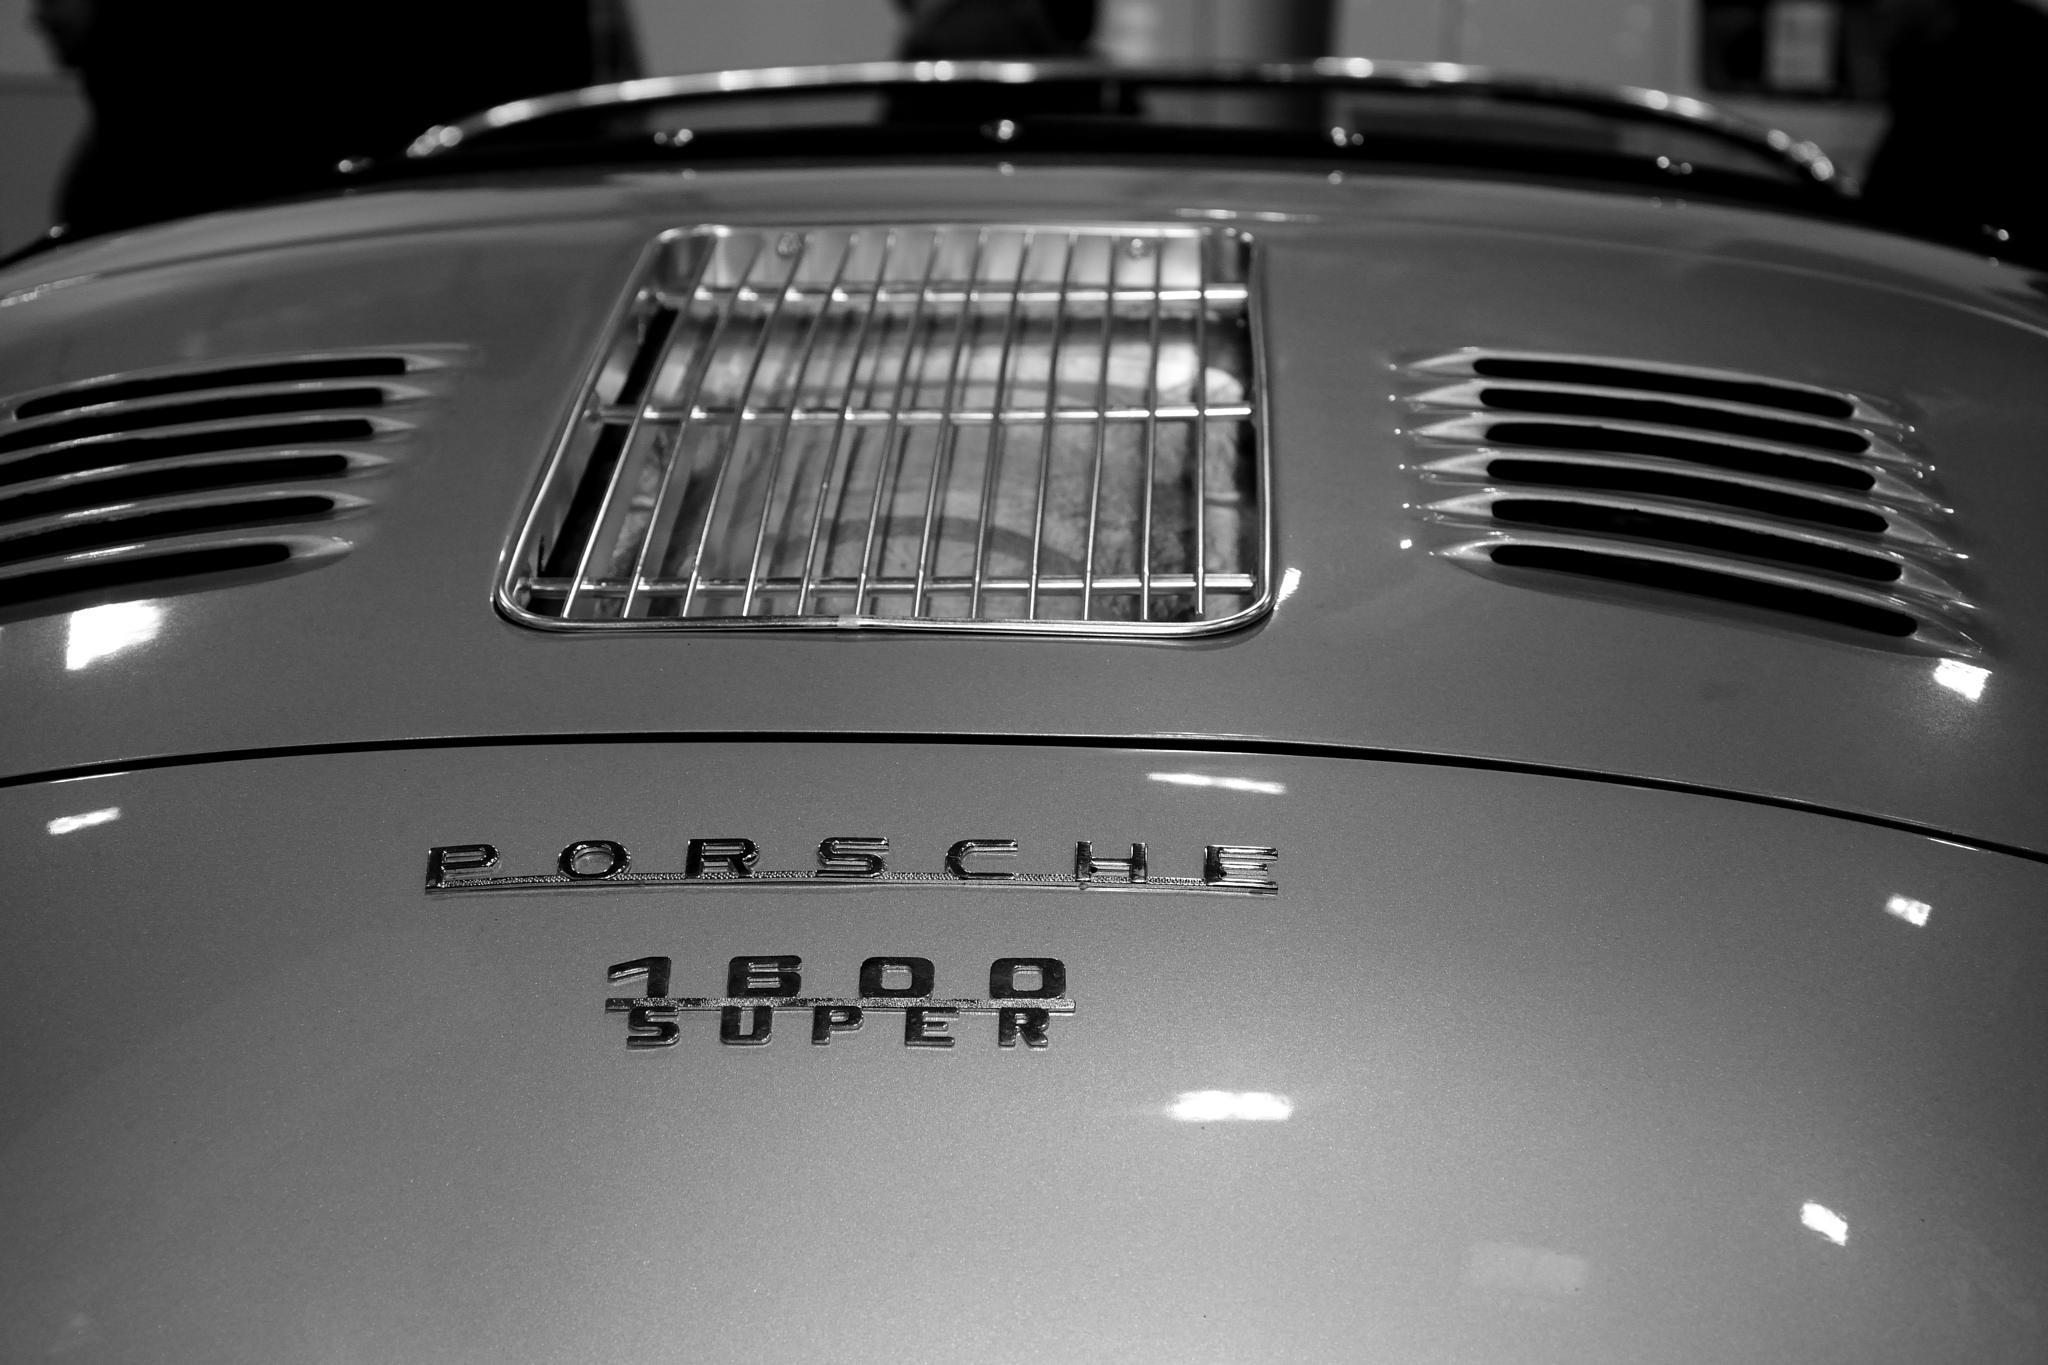 Porsche at Essen Motor Show 2014 by Wim Byl